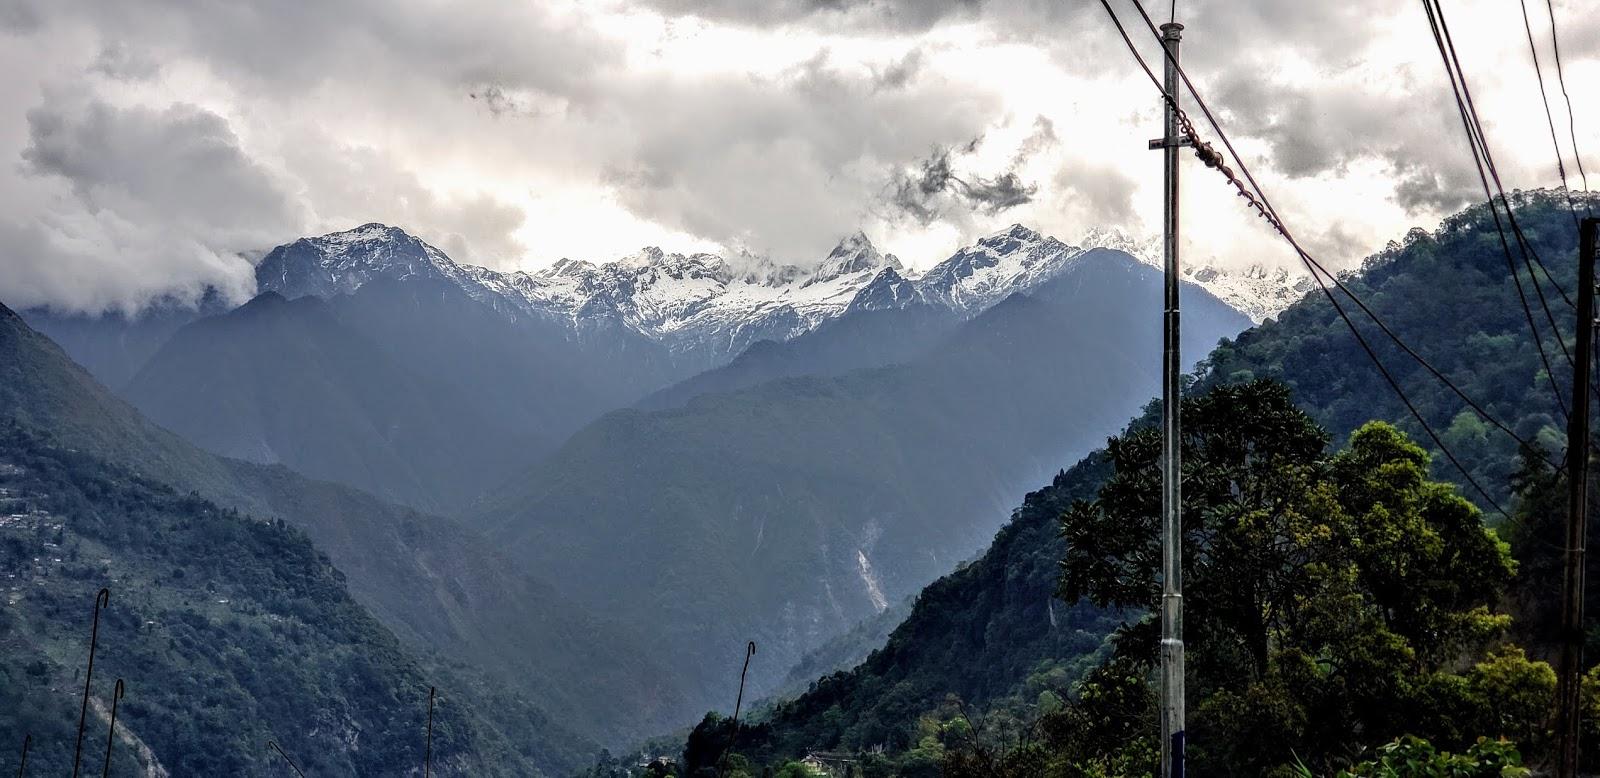 Himalayas View from Mangan